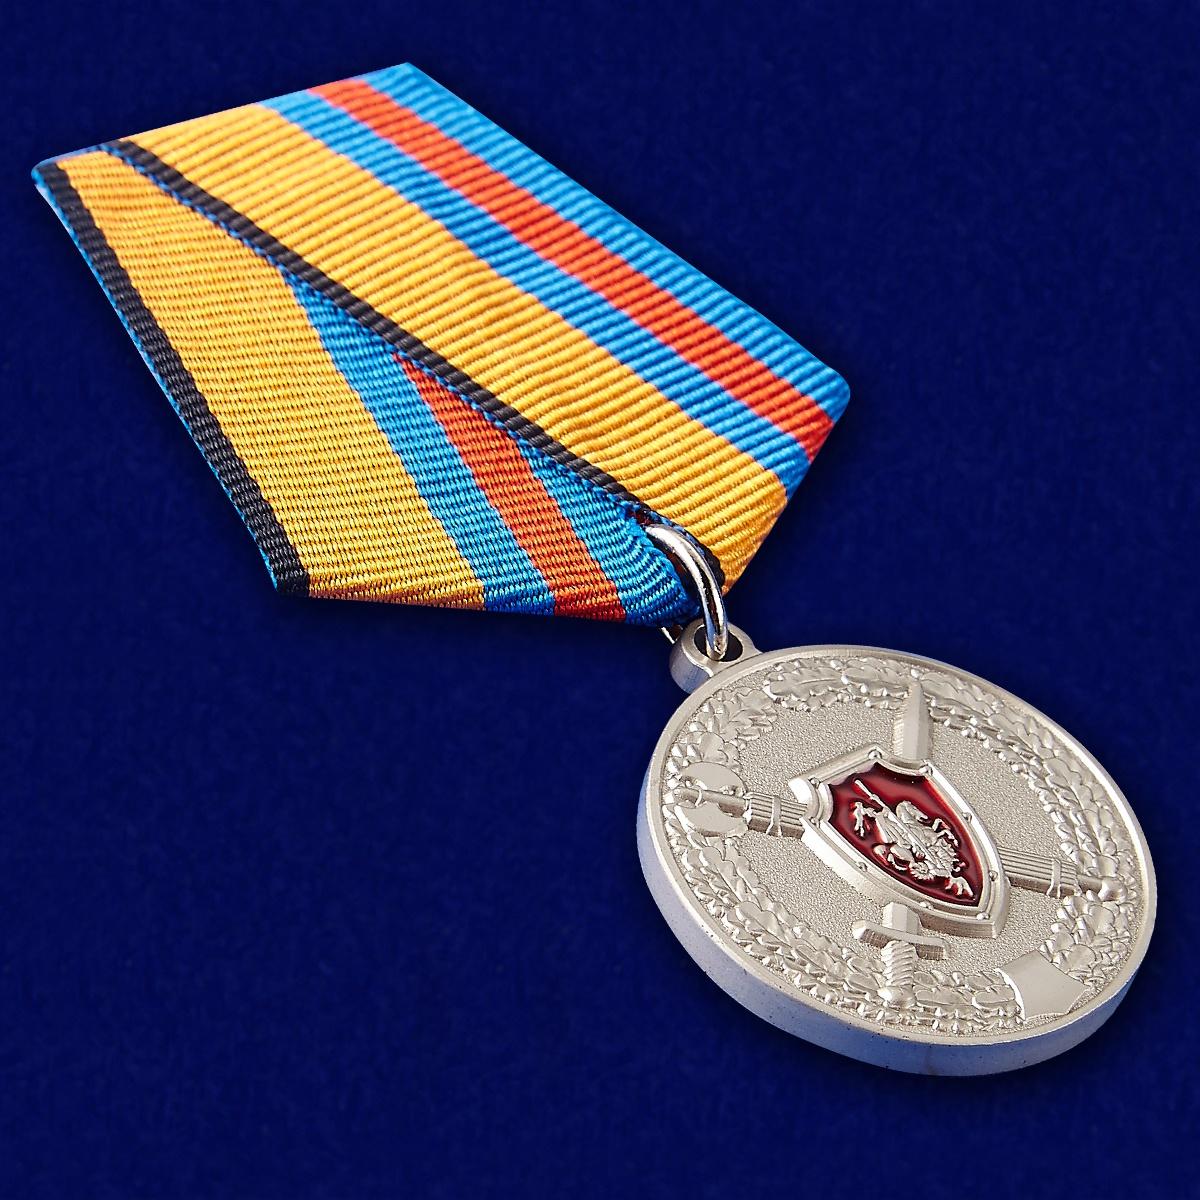 Фото медали за заслуги в учении 2014 в г.зернограде 2